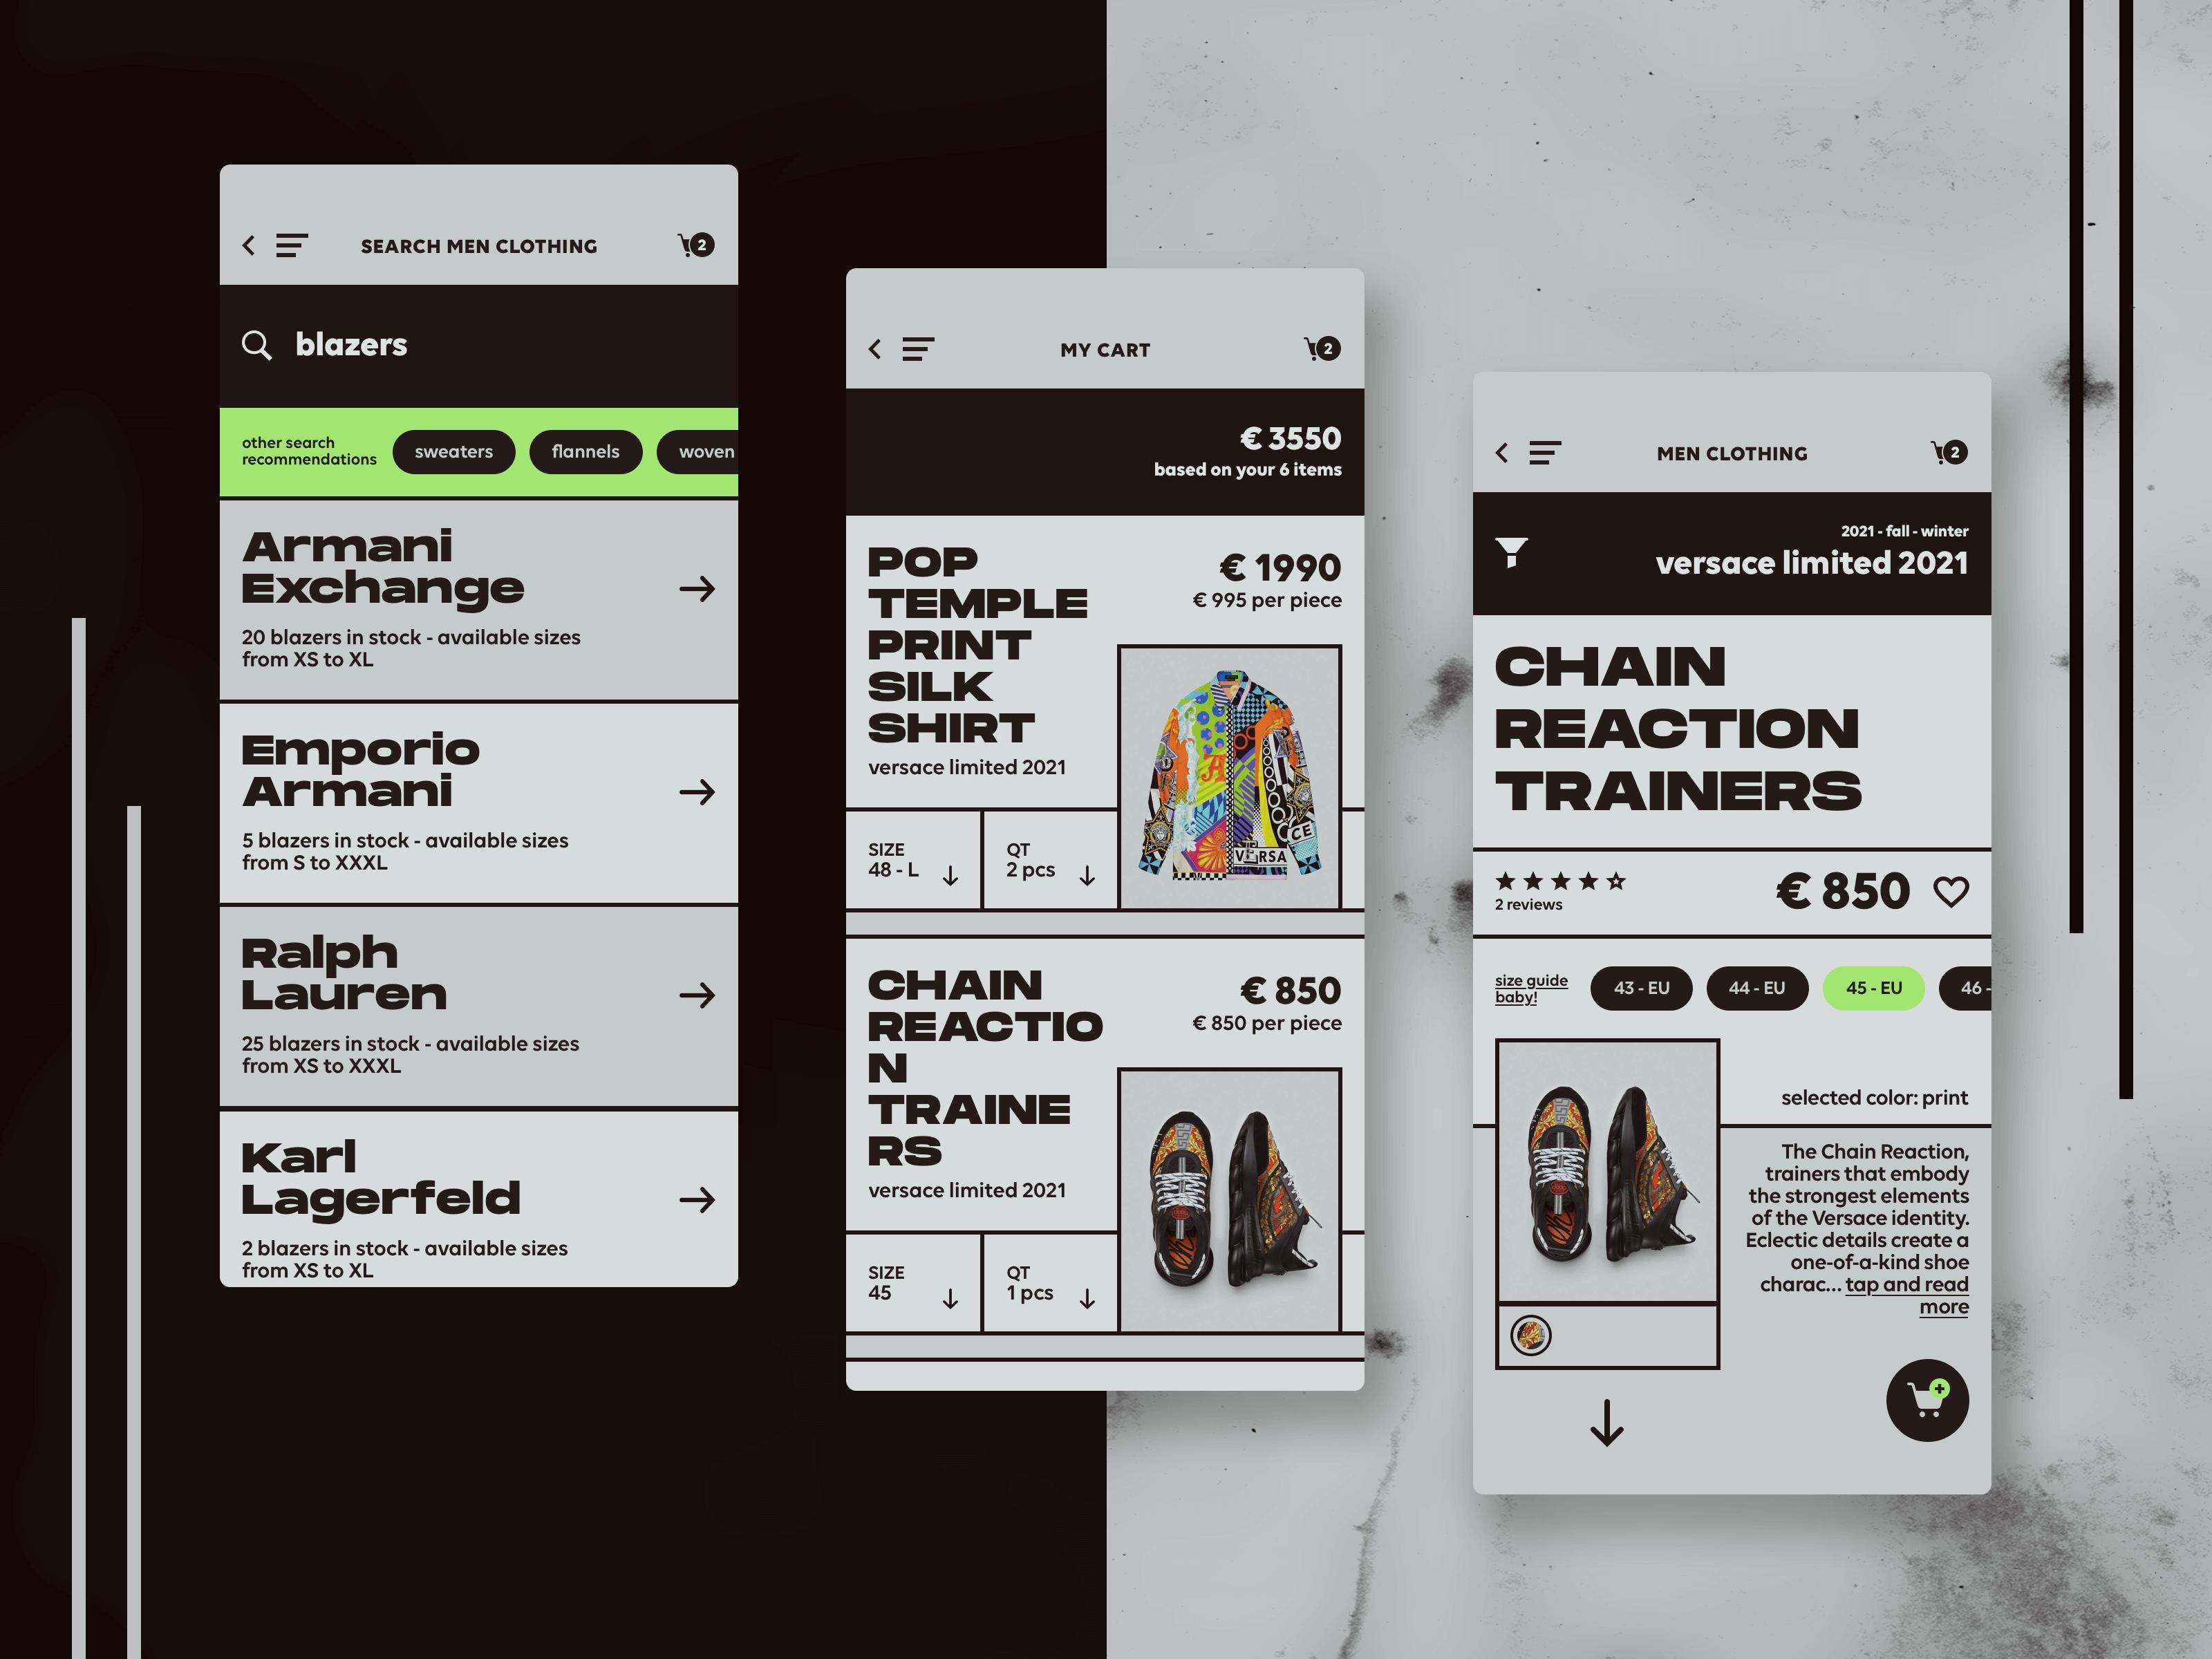 High-End-Fashion-Store-iOS-App-Design-3-1